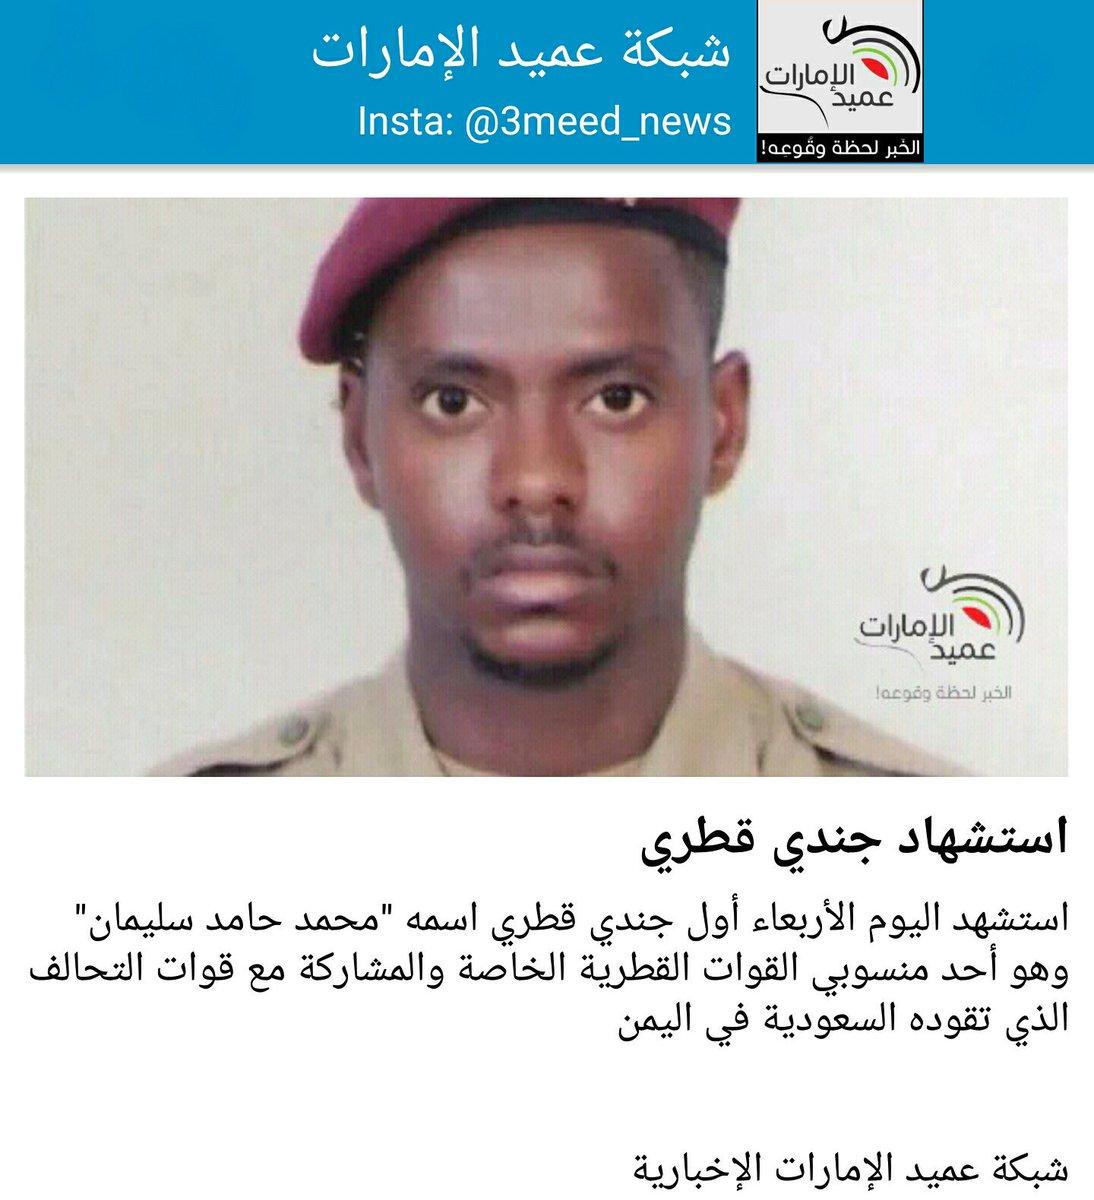 متابعة مستجدات الساحة اليمنية - صفحة 3 CThndaAUAAAi-u2